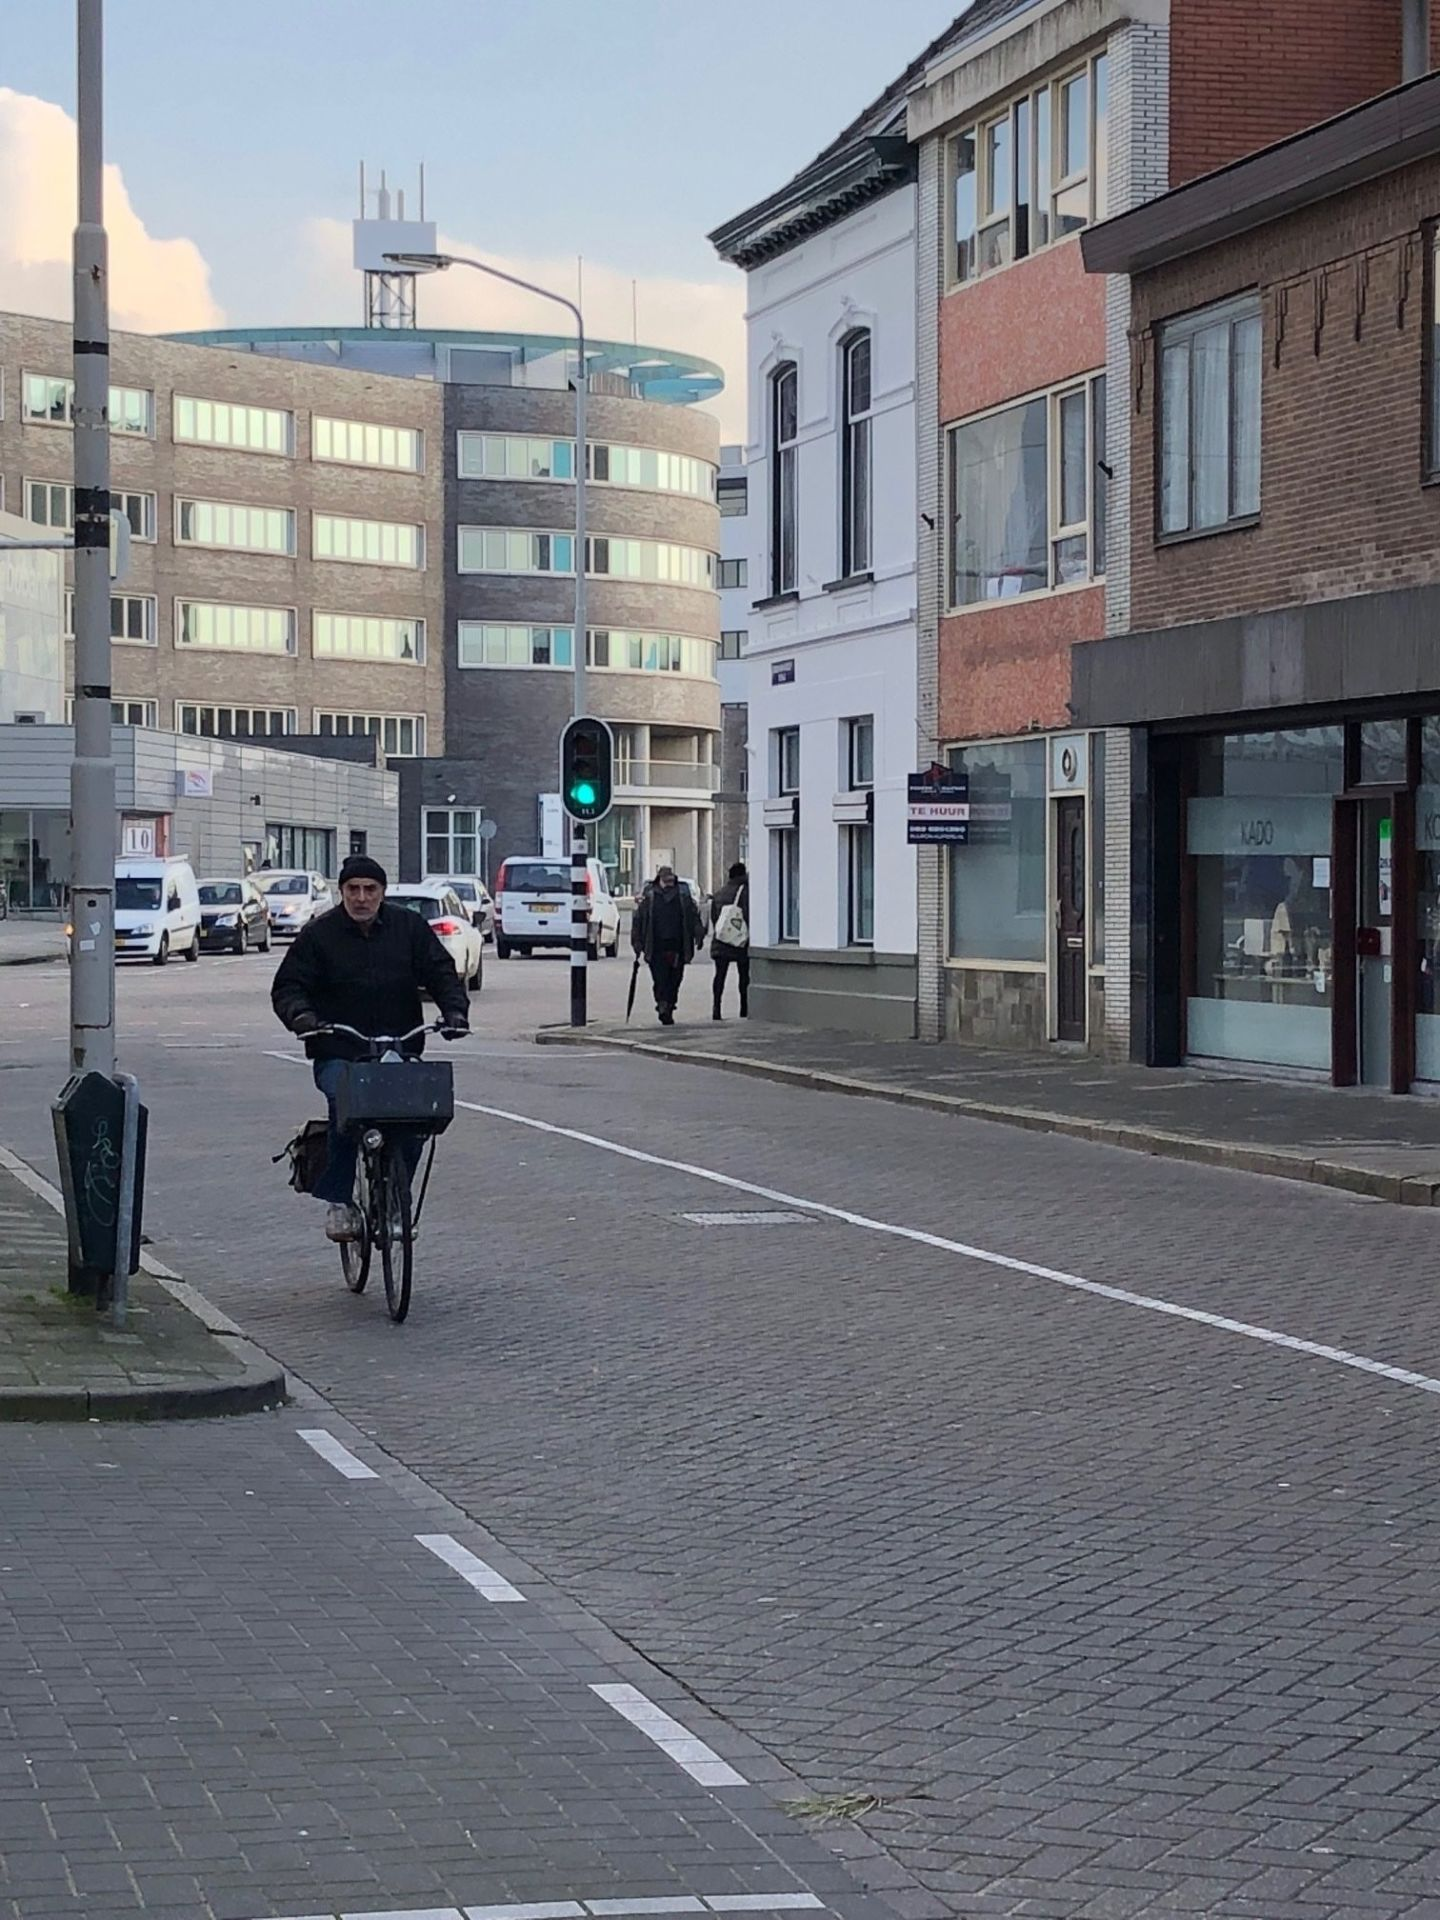 b492-burgemeester_van_hasseltstraat_82-bergen_op_zoom-1270676644